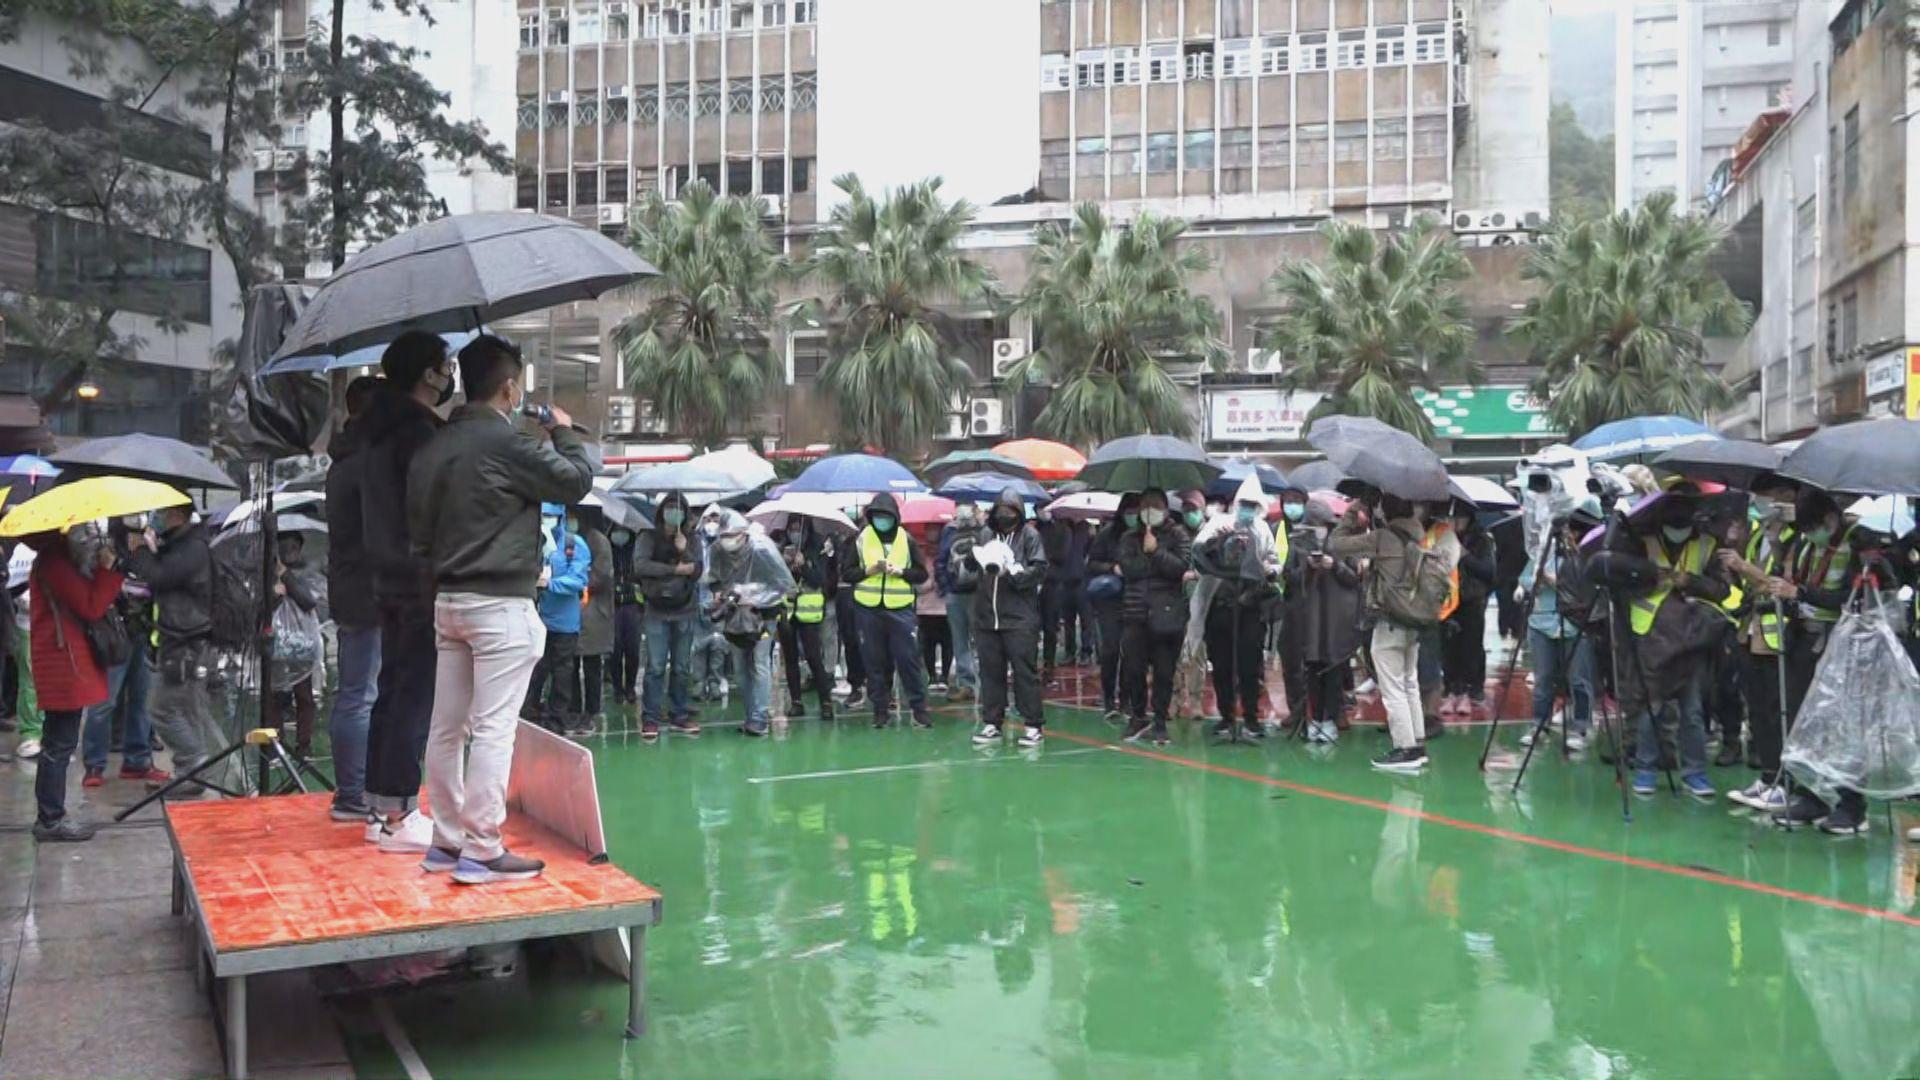 逾百人火炭集會反對駿洋邨成為檢疫中心